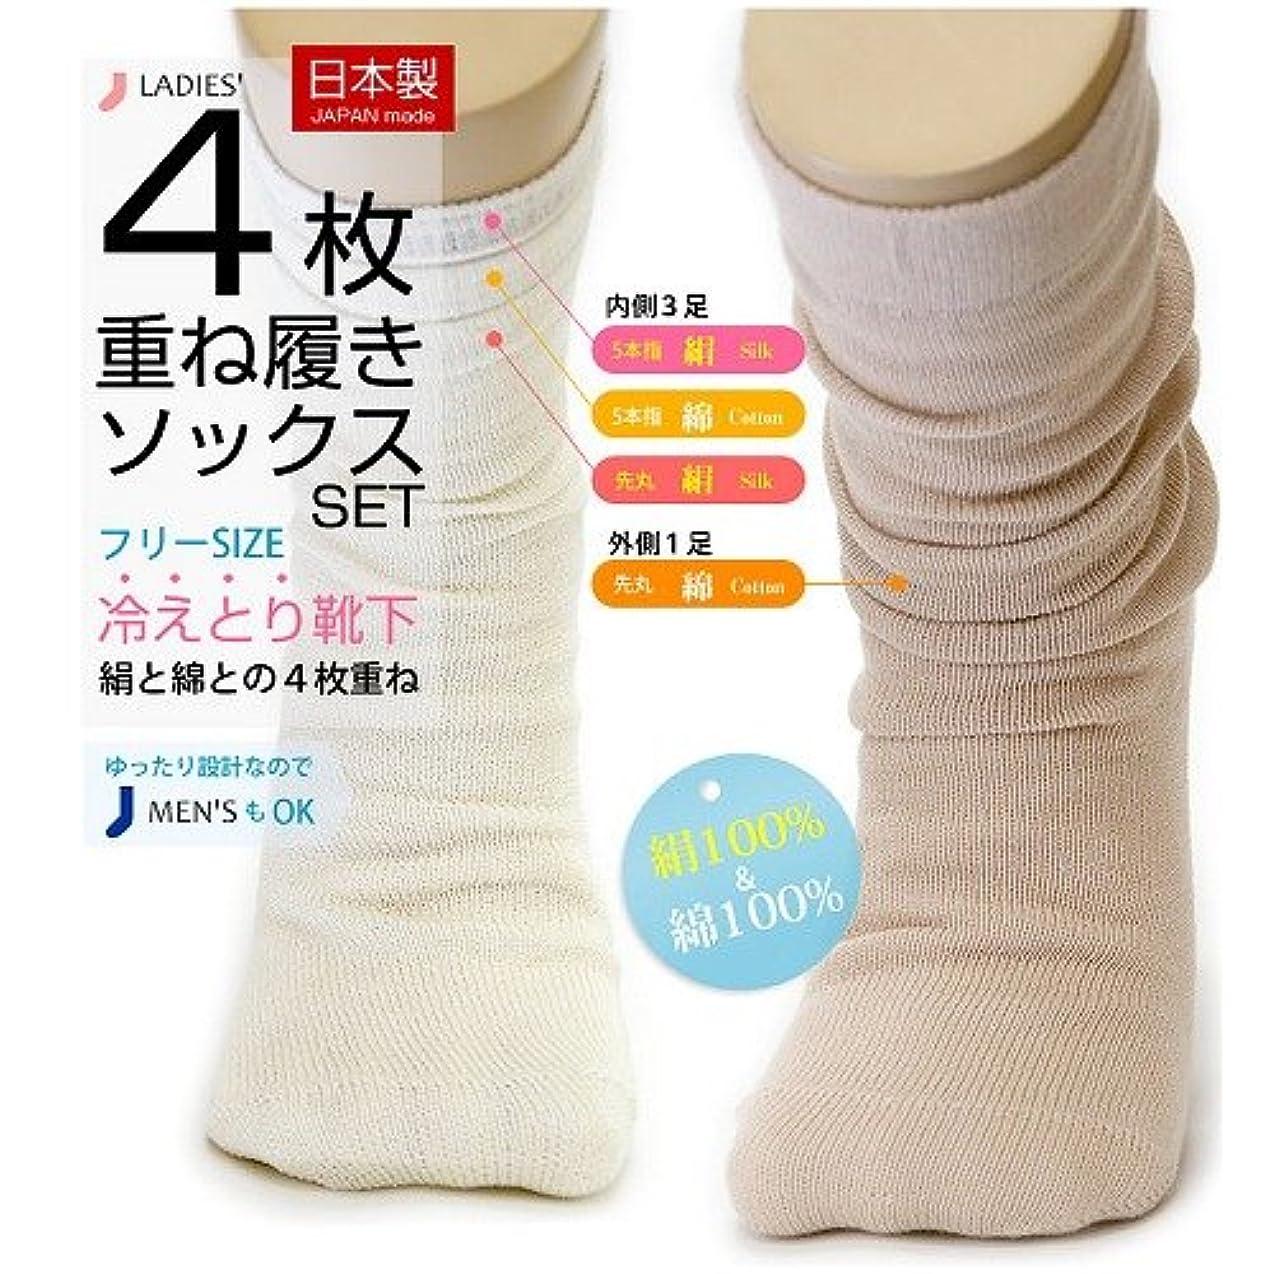 お風呂を持っている負刺す冷え取り靴下 綿100%とシルク100% 最高級の日本製 4枚重ねばきセット(外側チャコール)